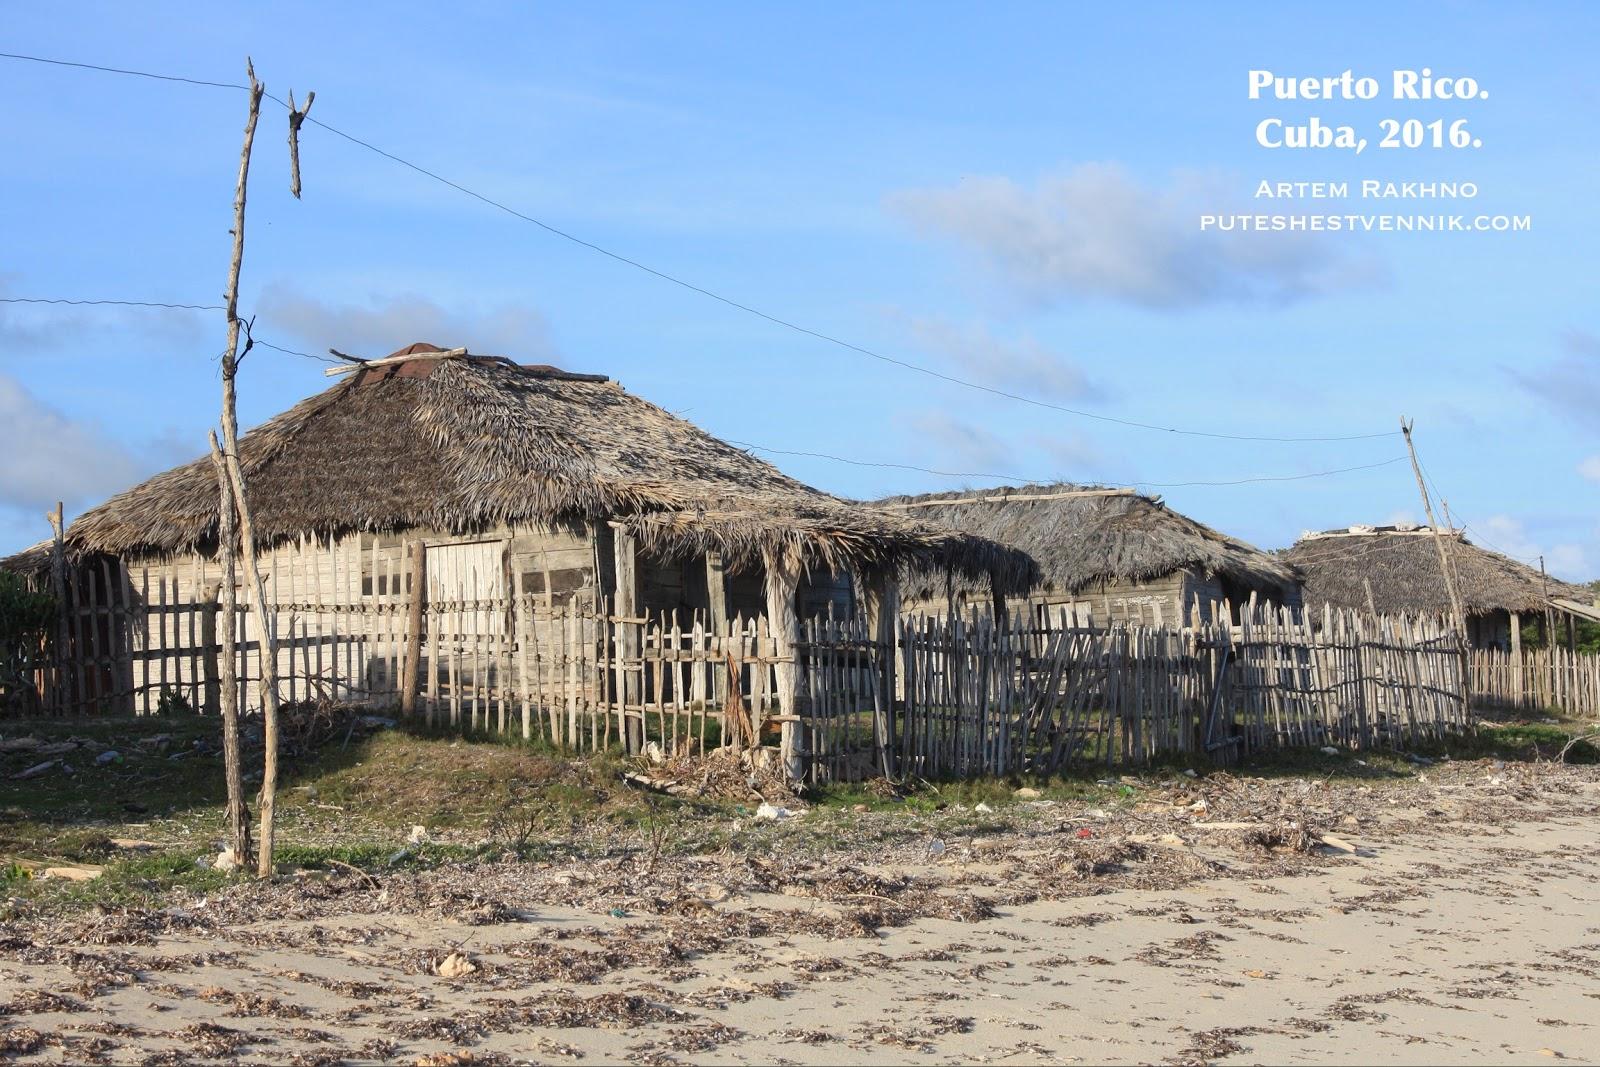 Кубинские дома с крышами из пальмовых листьев